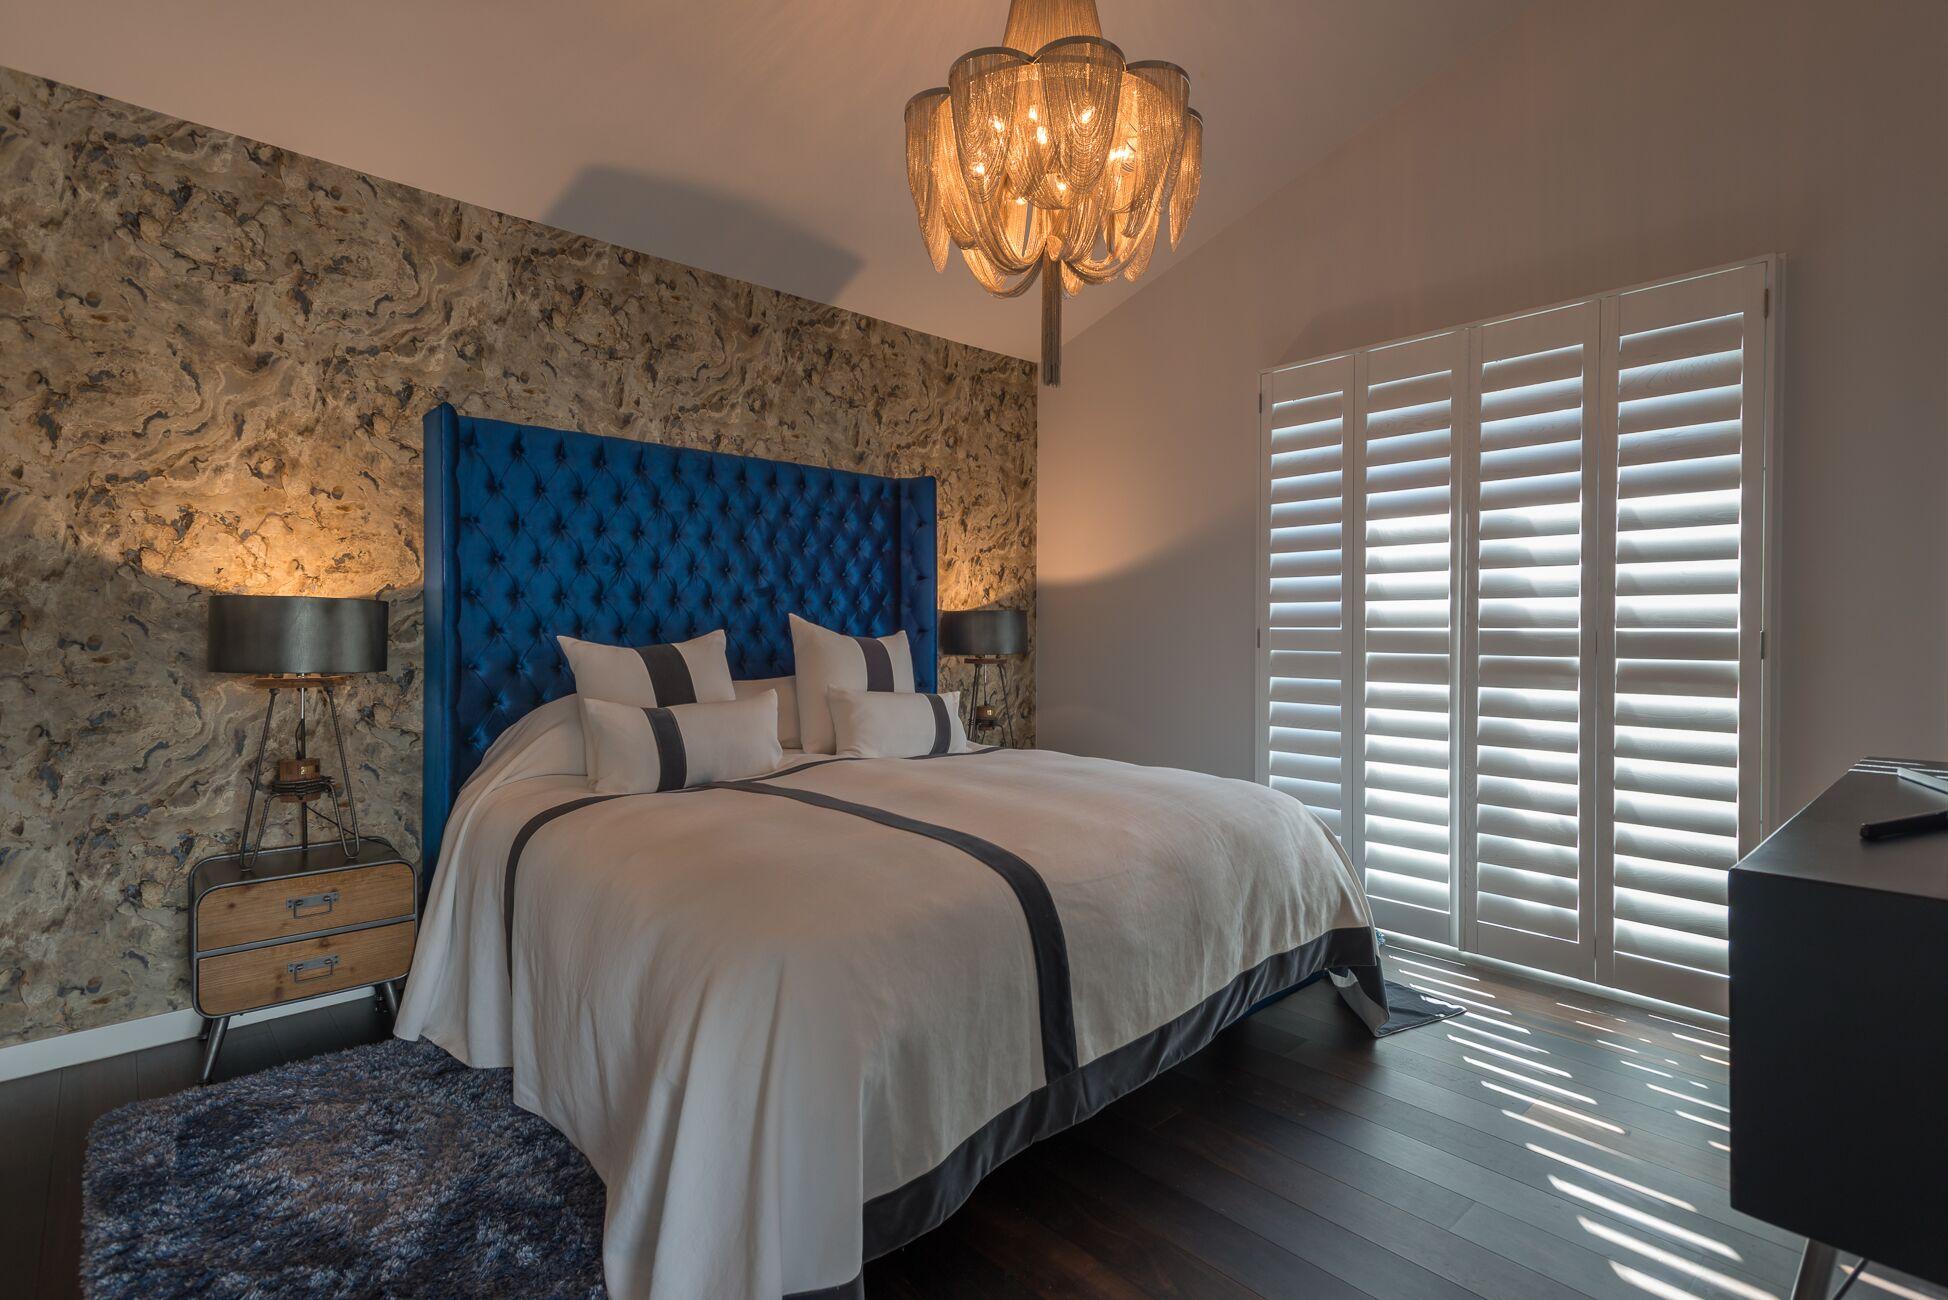 Interior window shutters in the bedroom